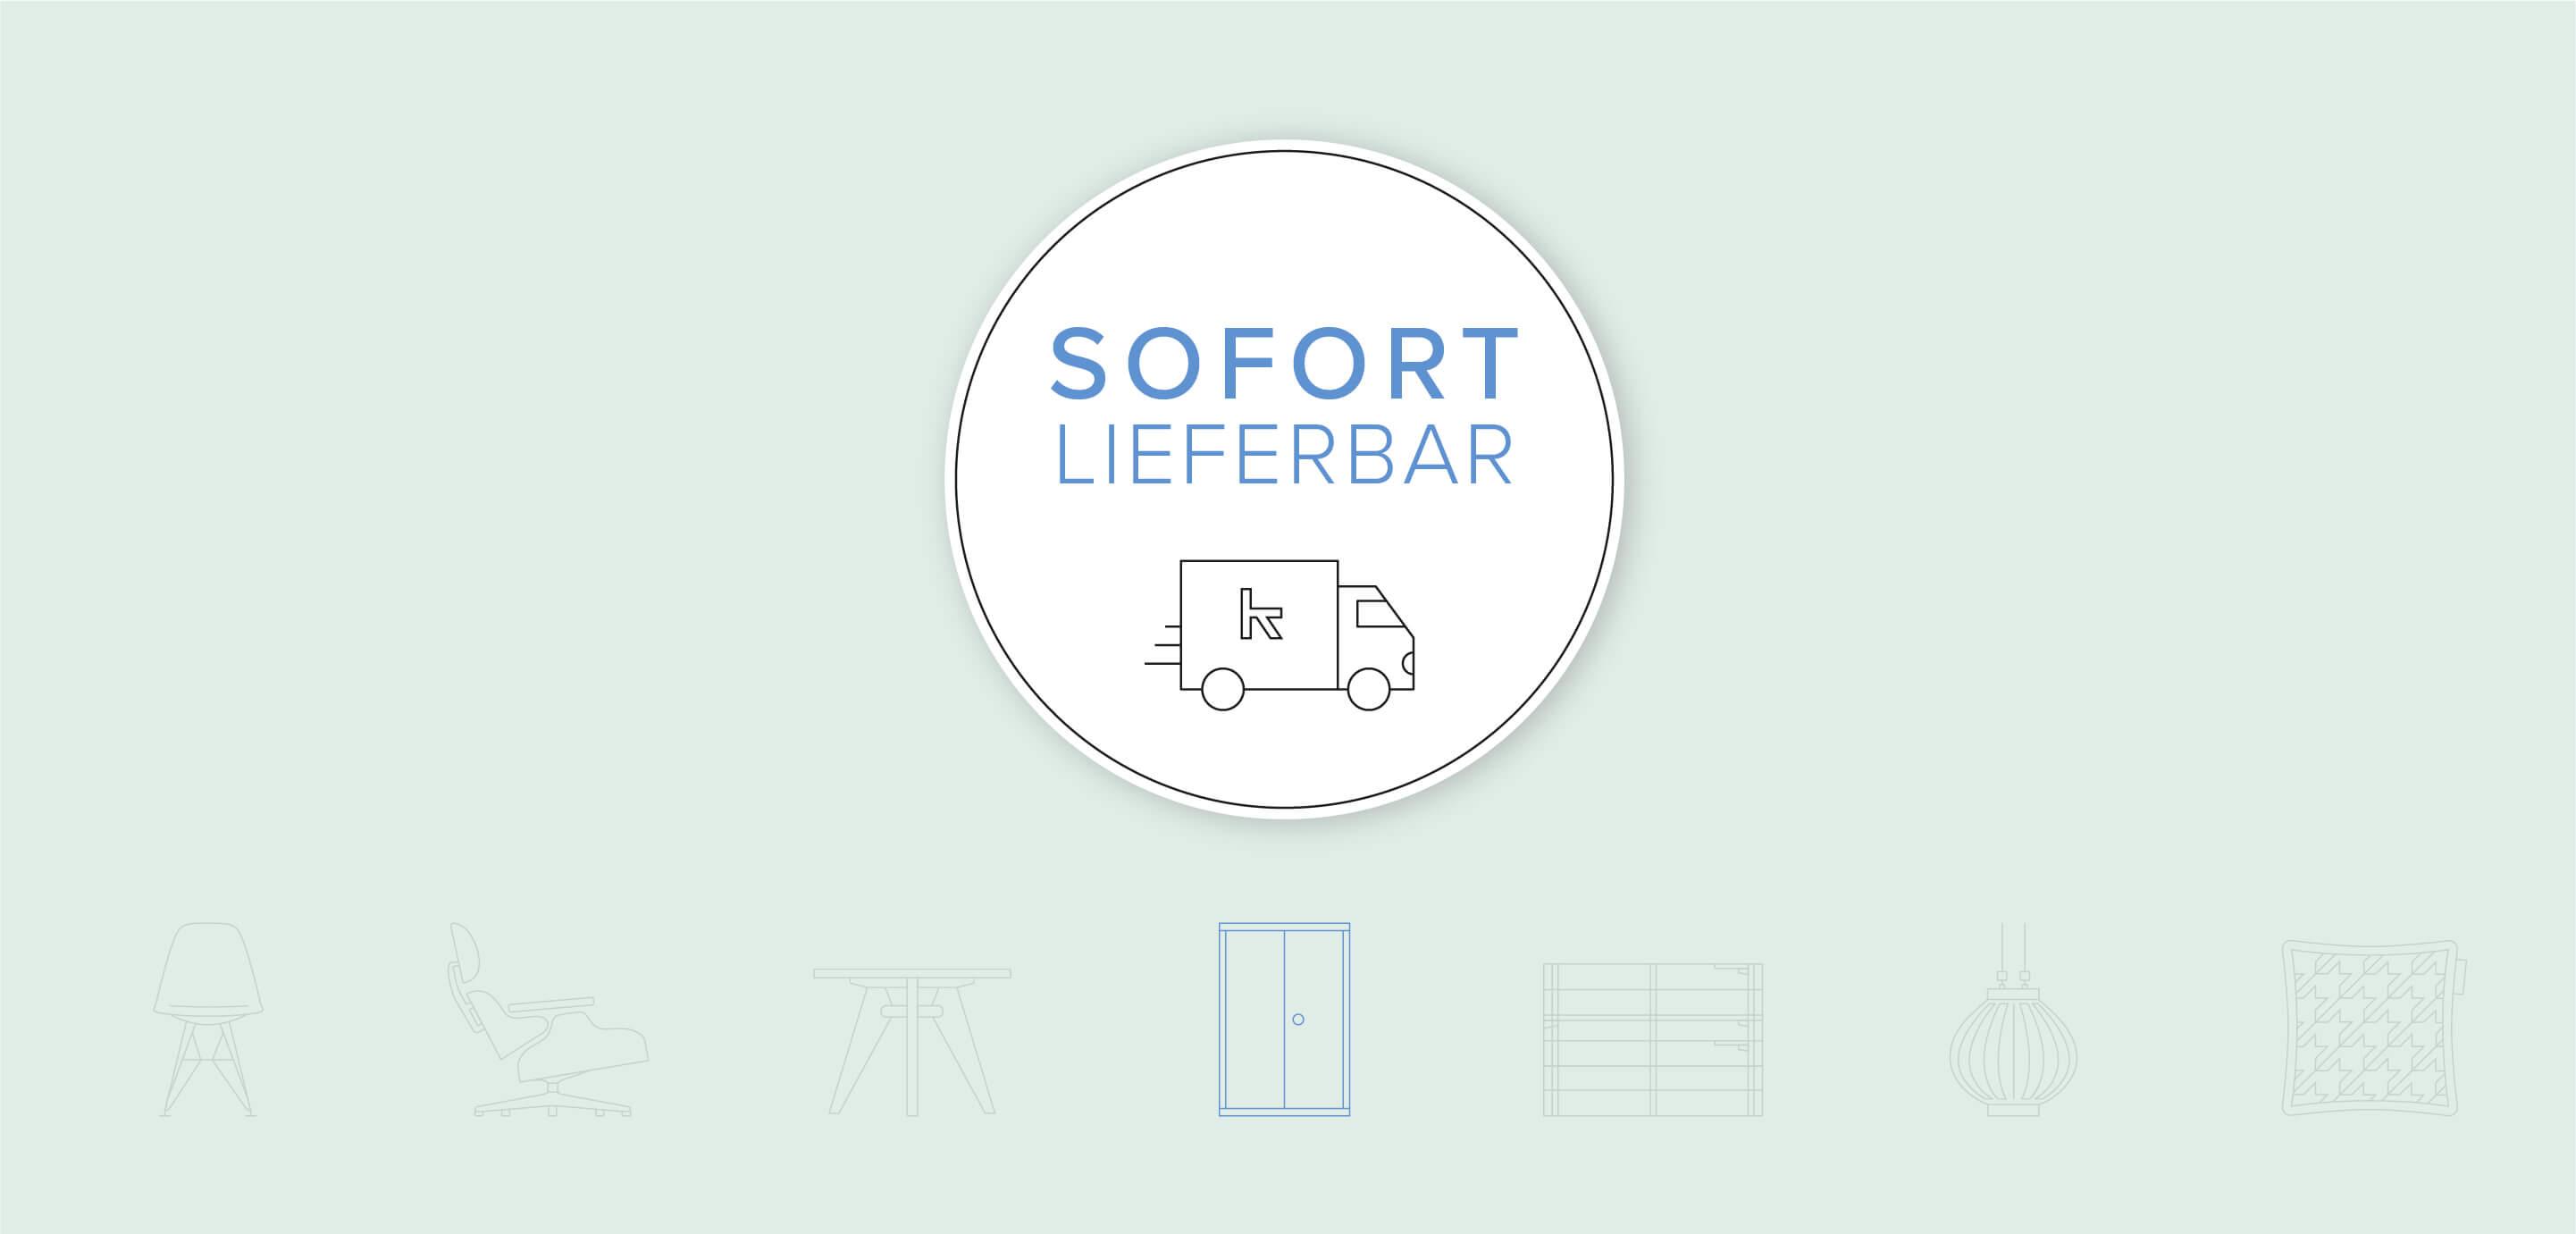 Sofort Lieferbar